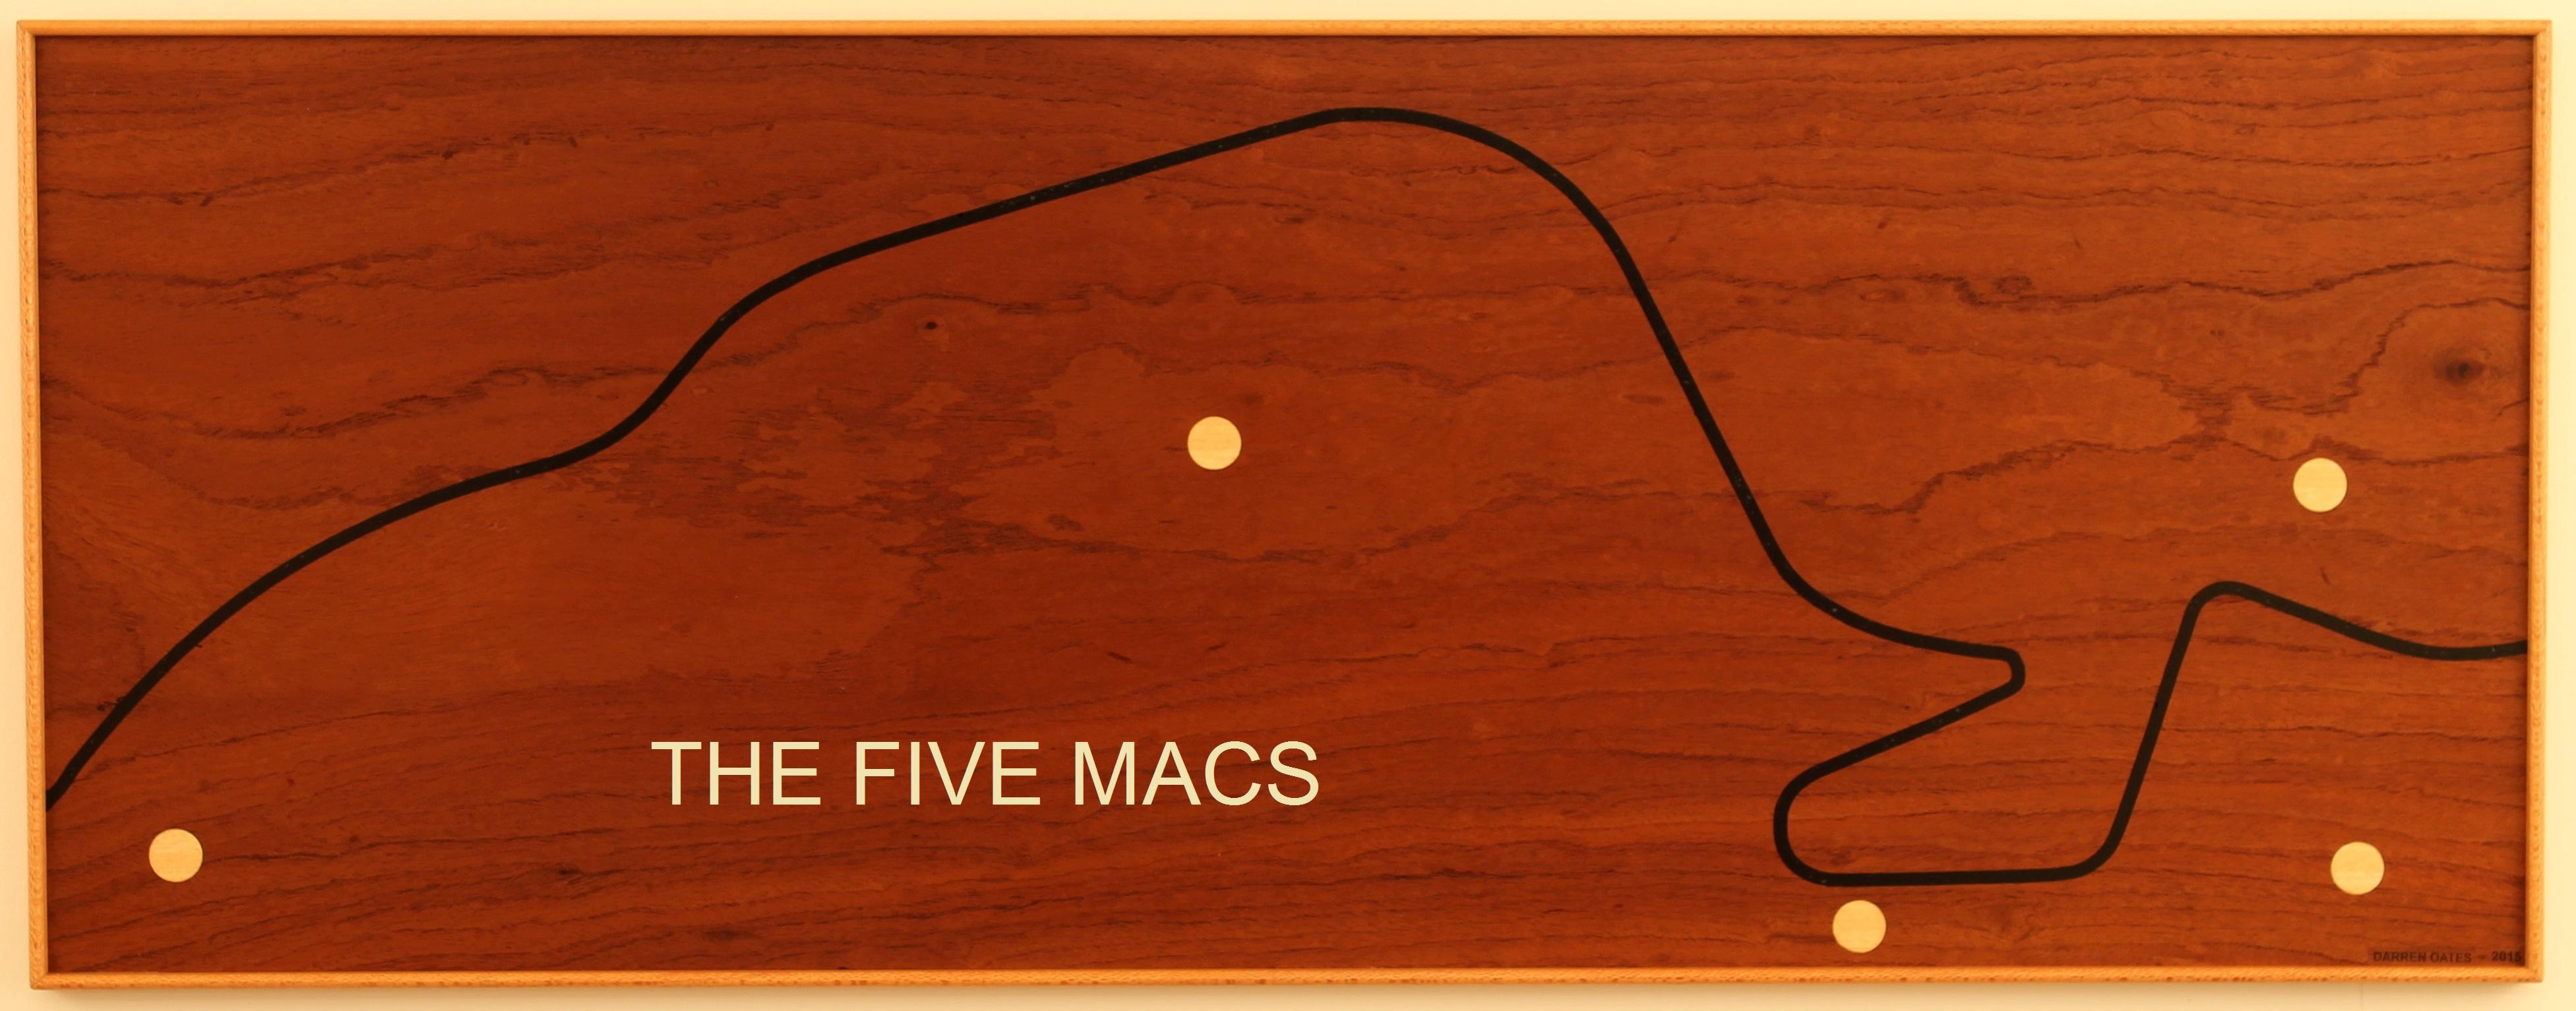 The Five Macs